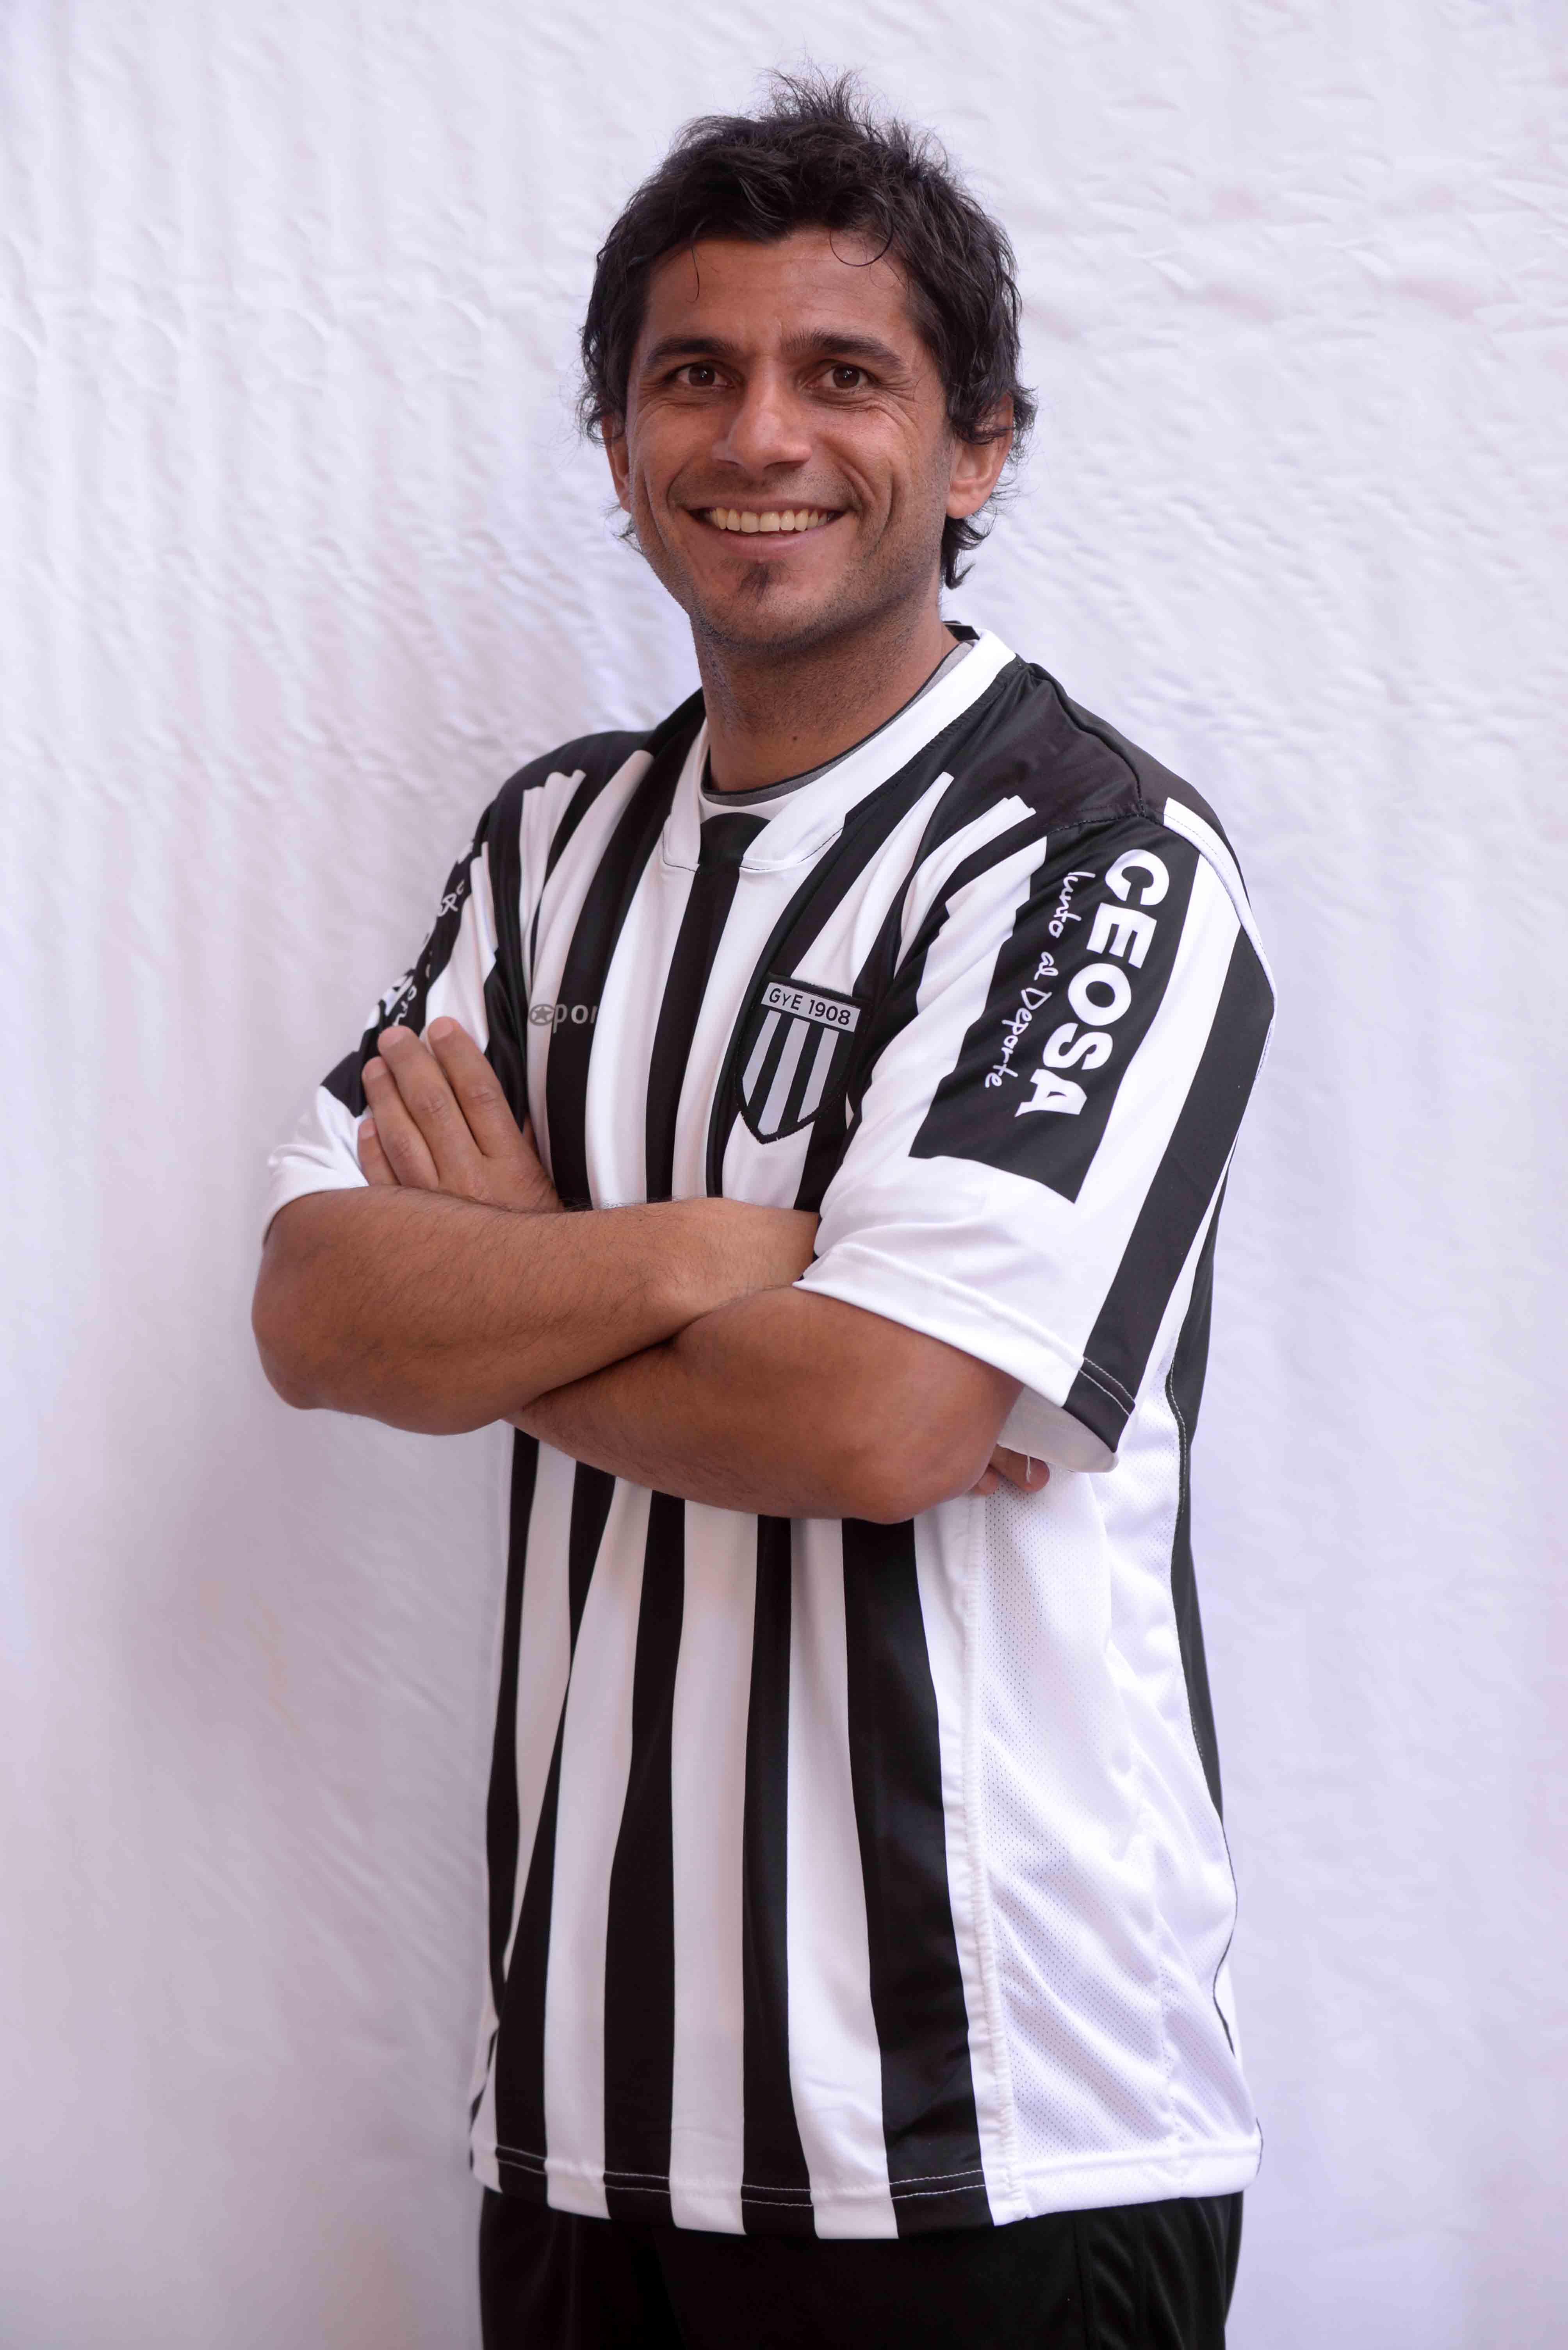 David Garay